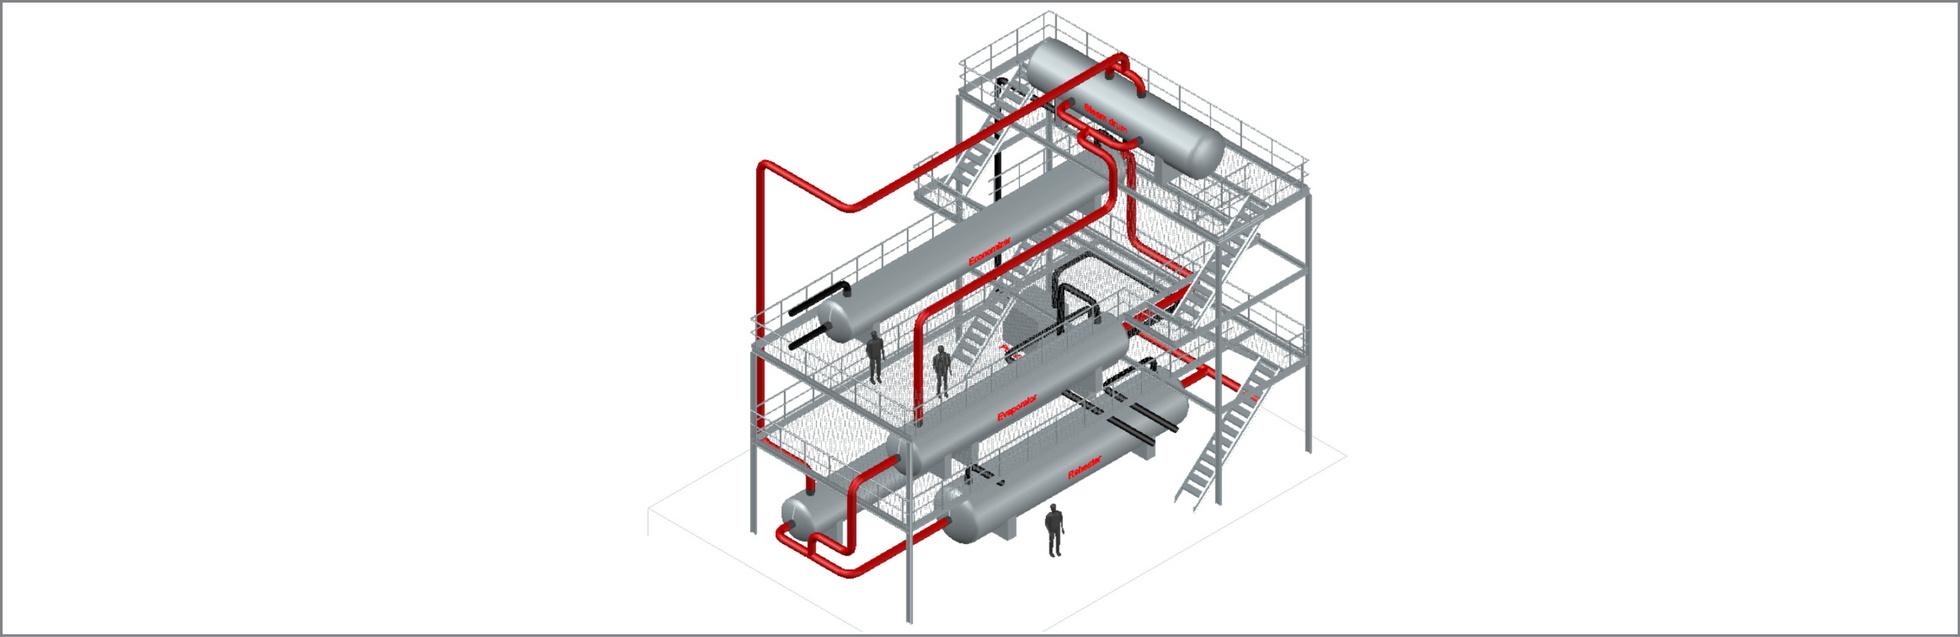 Sgs4 Steam Generator Molten Salt Power Plant General Layout Value Adding Engineering Design